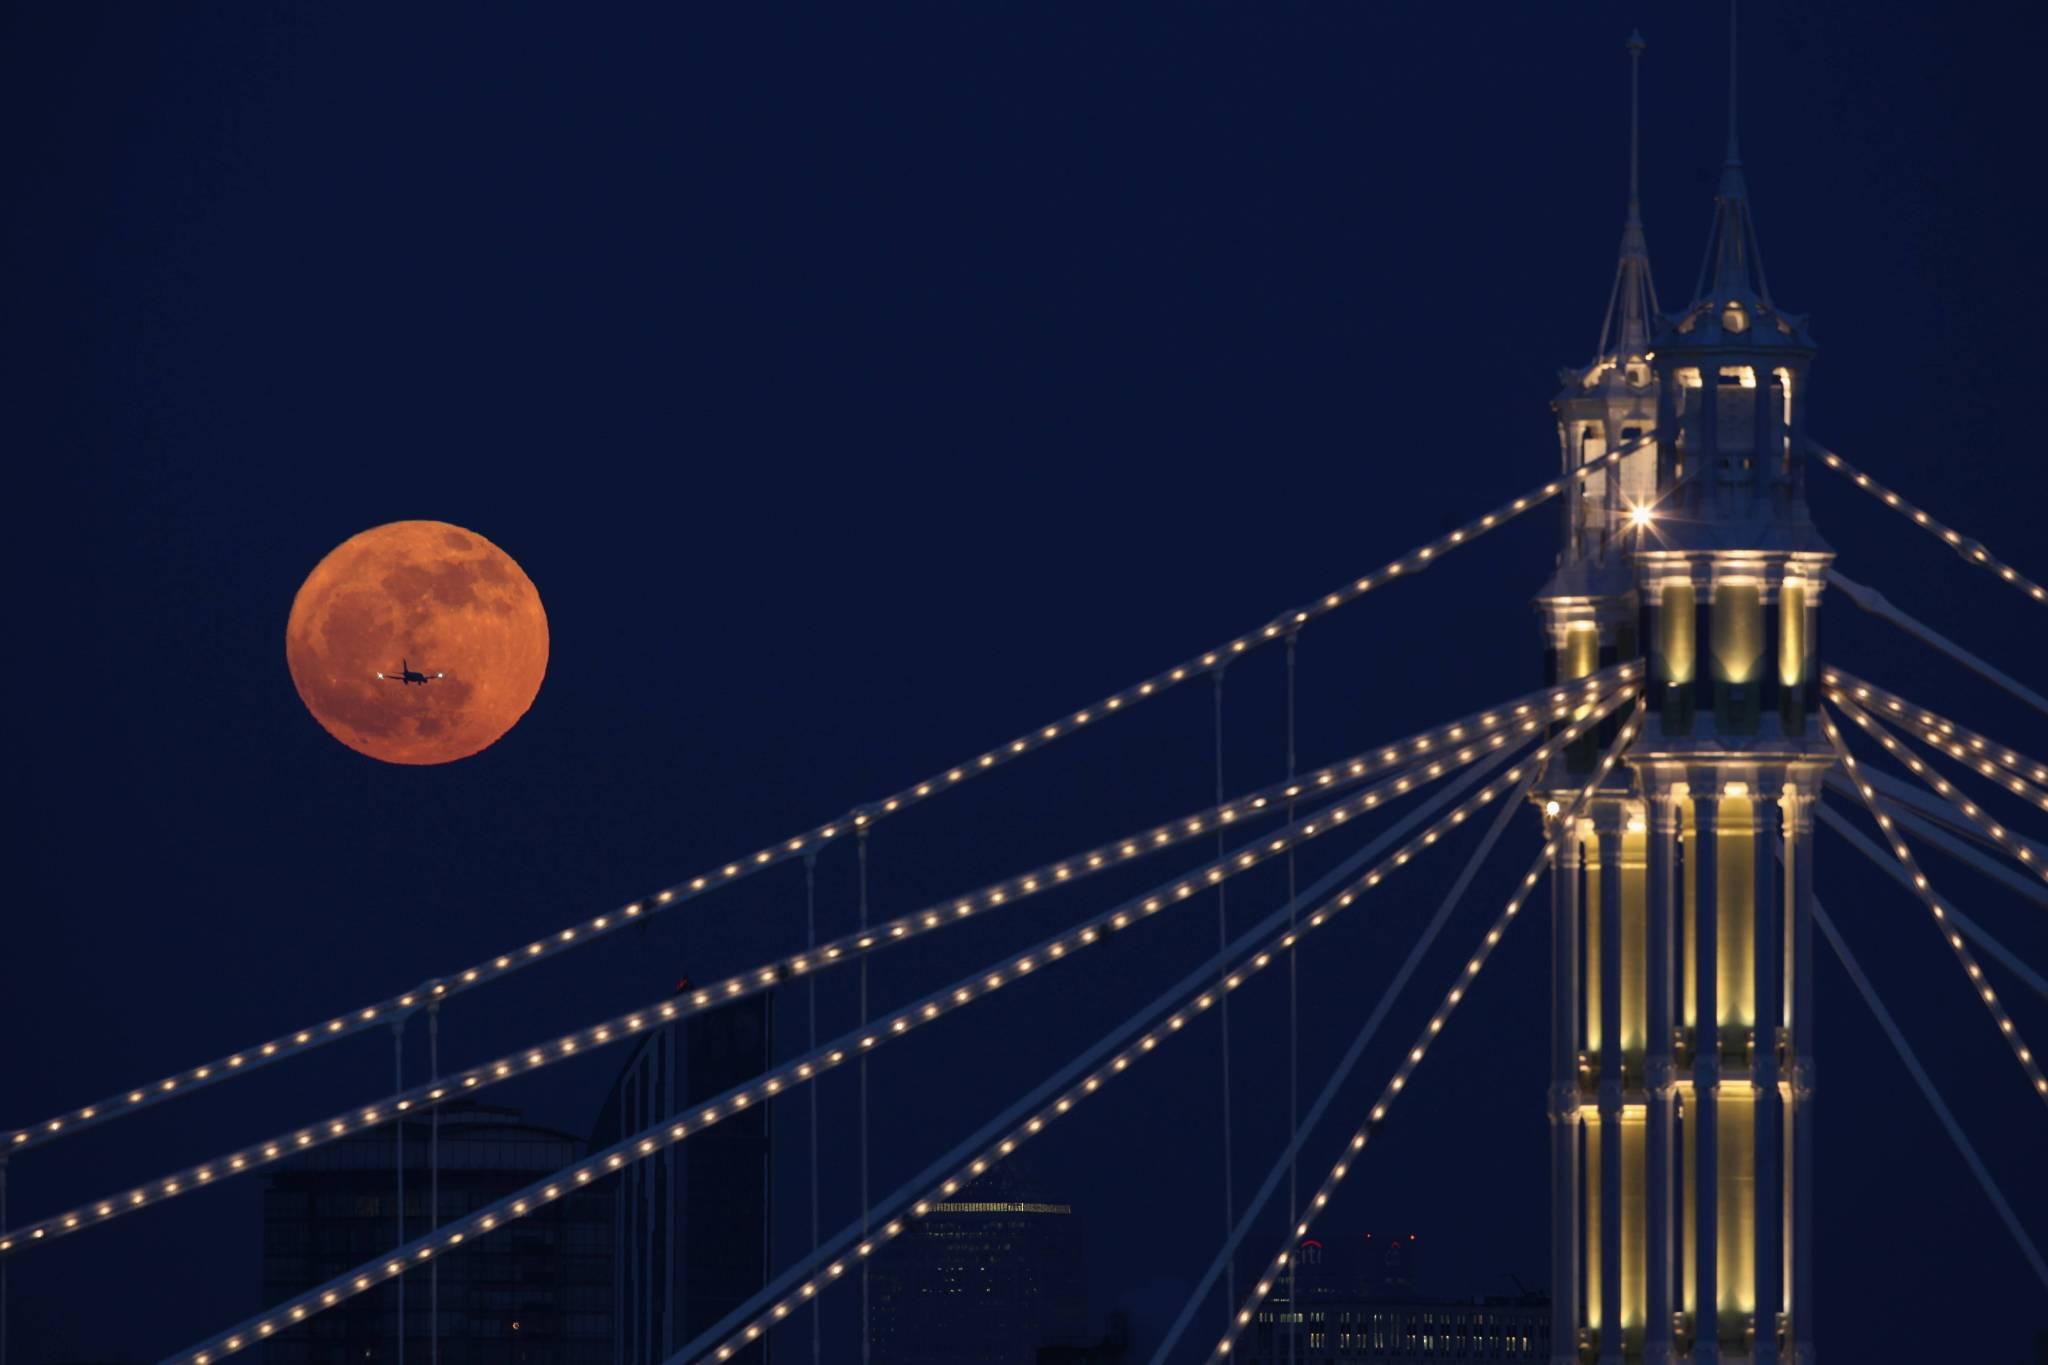 самолет и луна